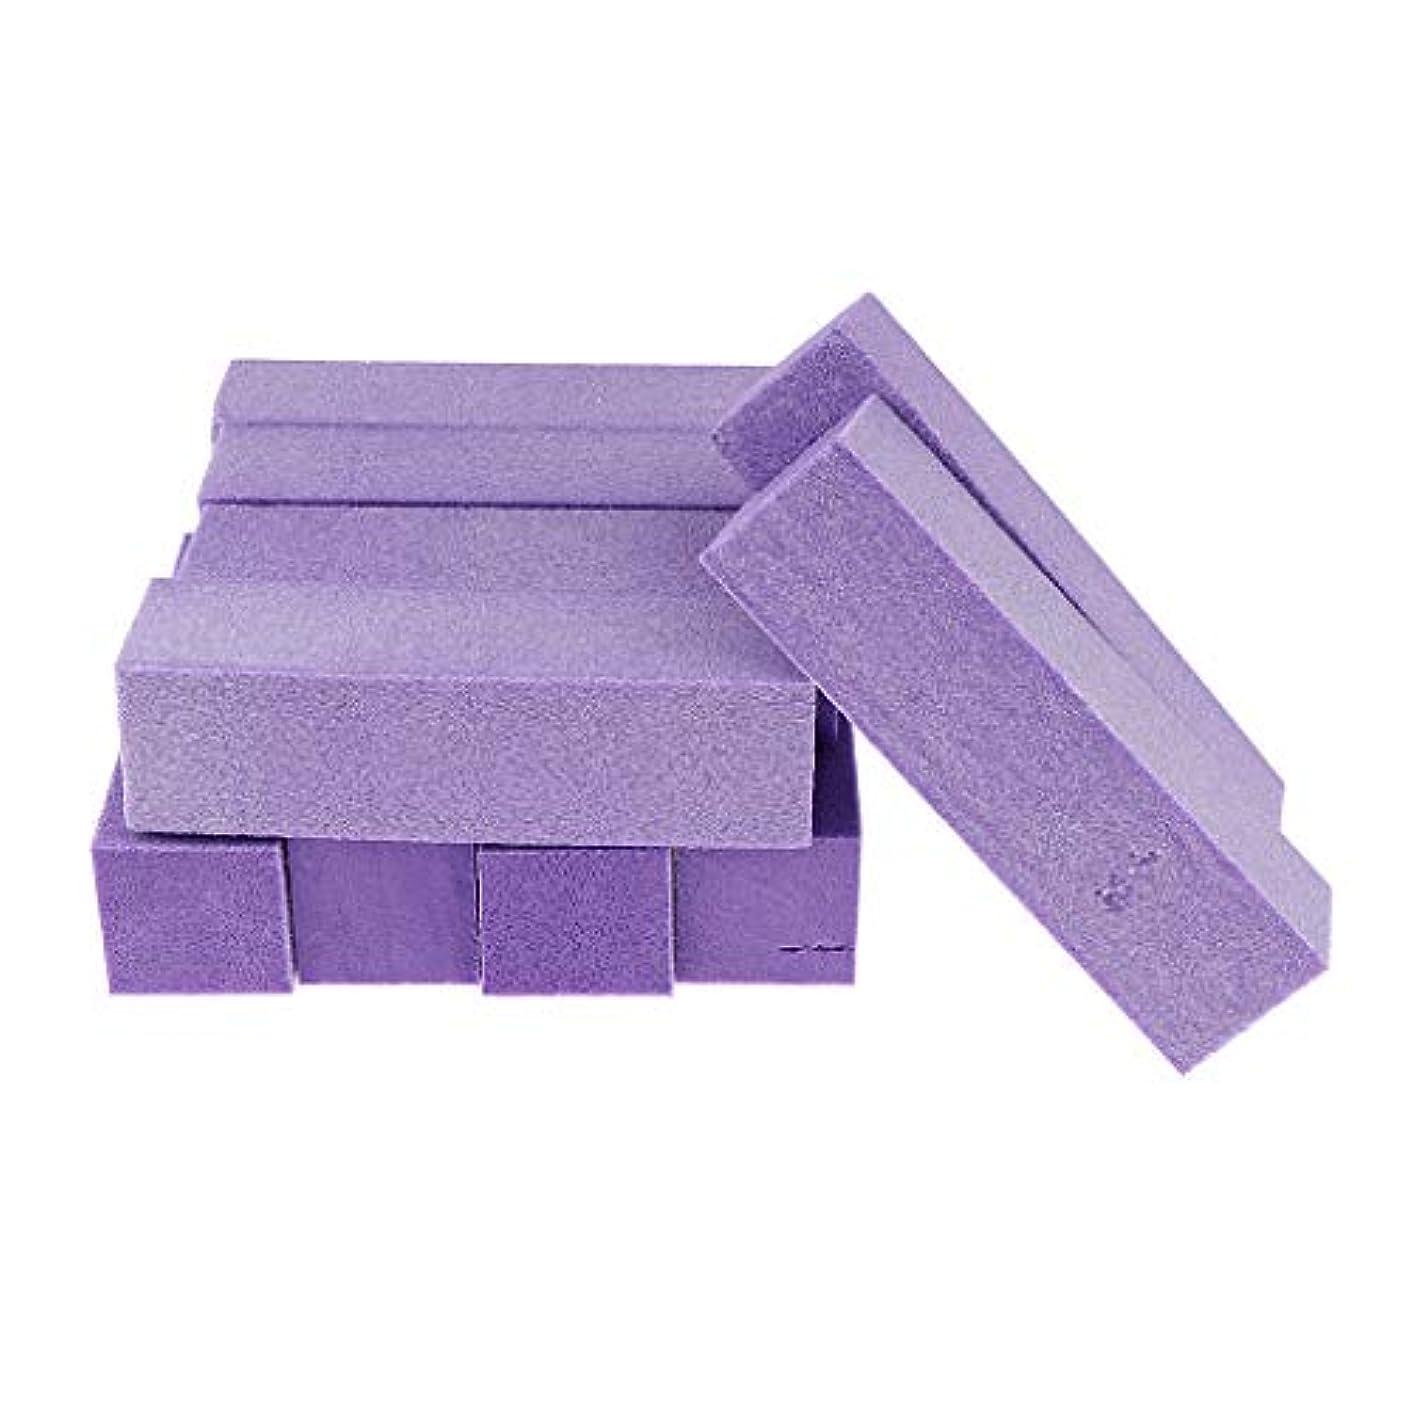 伝導率カビポーチToygogo 両面ネイルバッファーネイルシャイナースポンジネイルファイルサンディングブロック-ソフト&シルキー、10個-作成された滑らかで美しいネイル - 紫